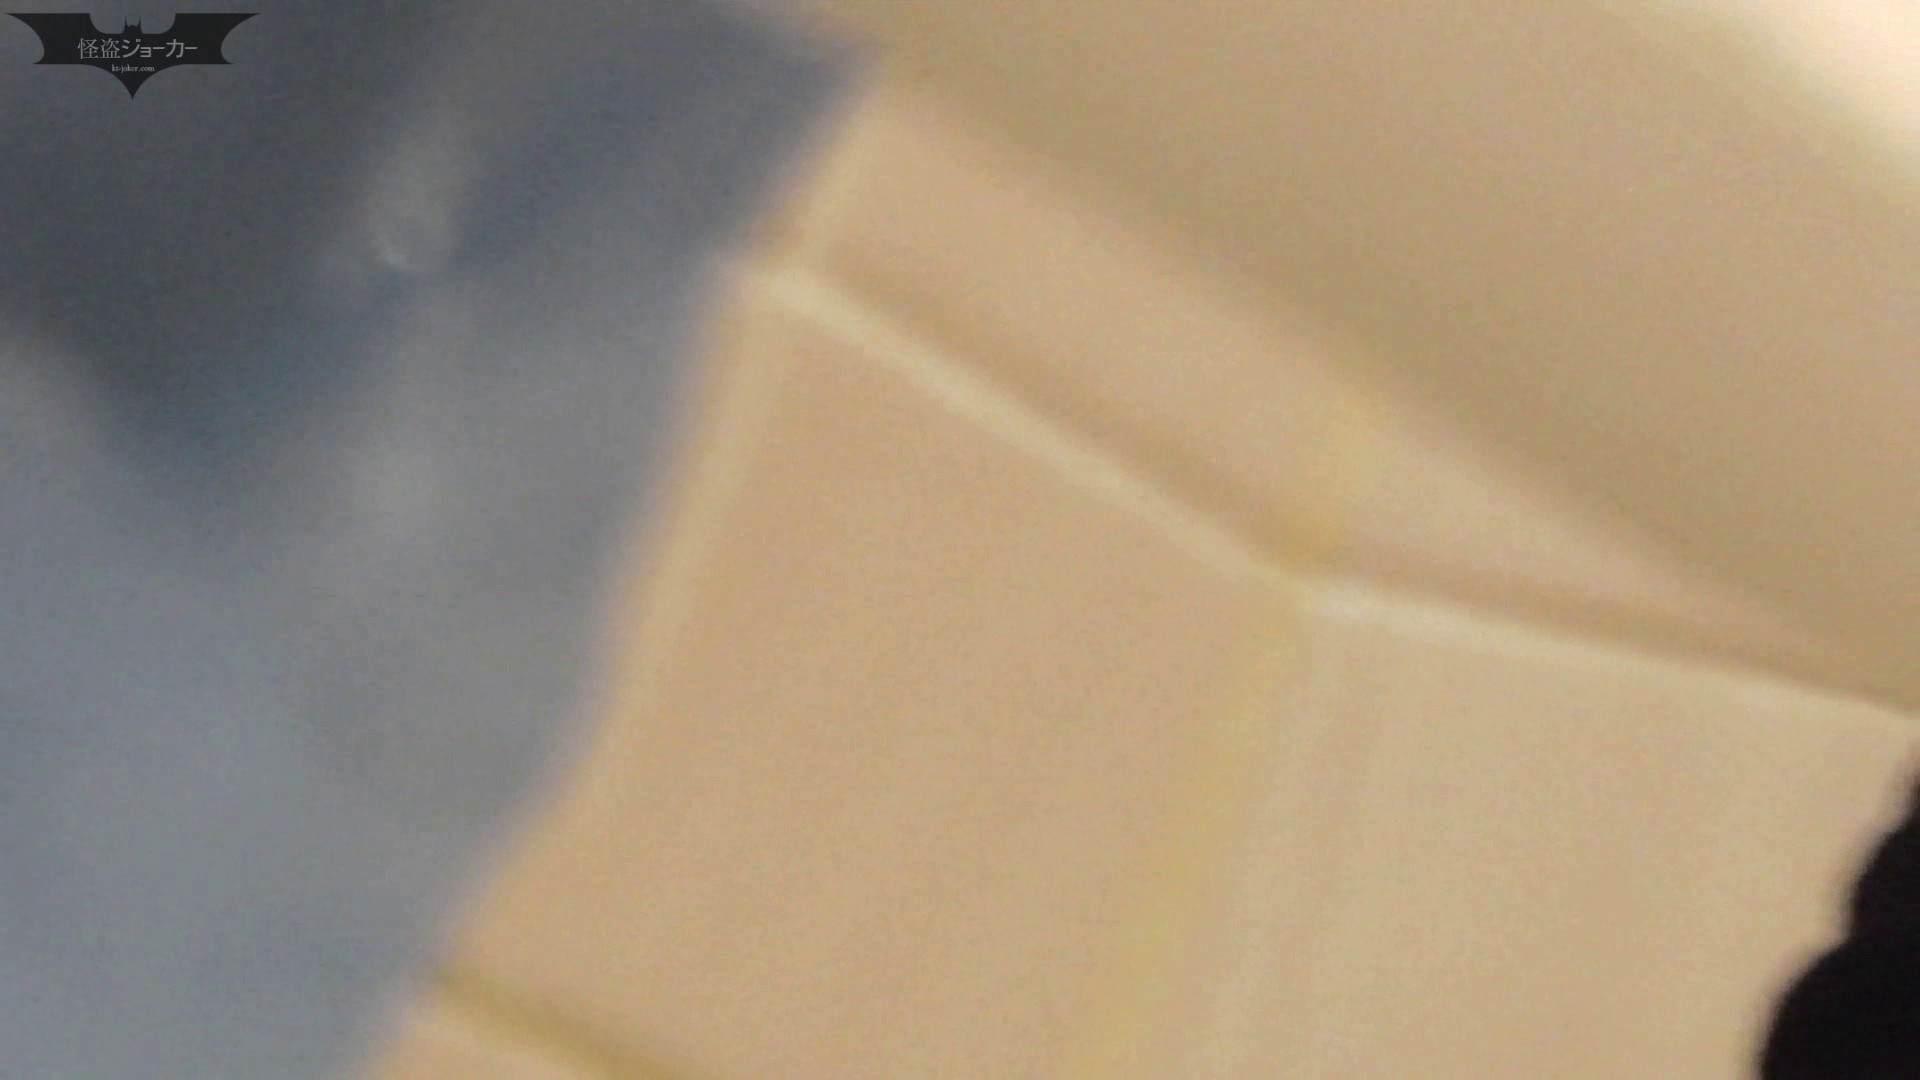 お銀さんの「洗面所突入レポート!!」 vol.54 エロすぎる捻り? 高評価 オマンコ無修正動画無料 84画像 70